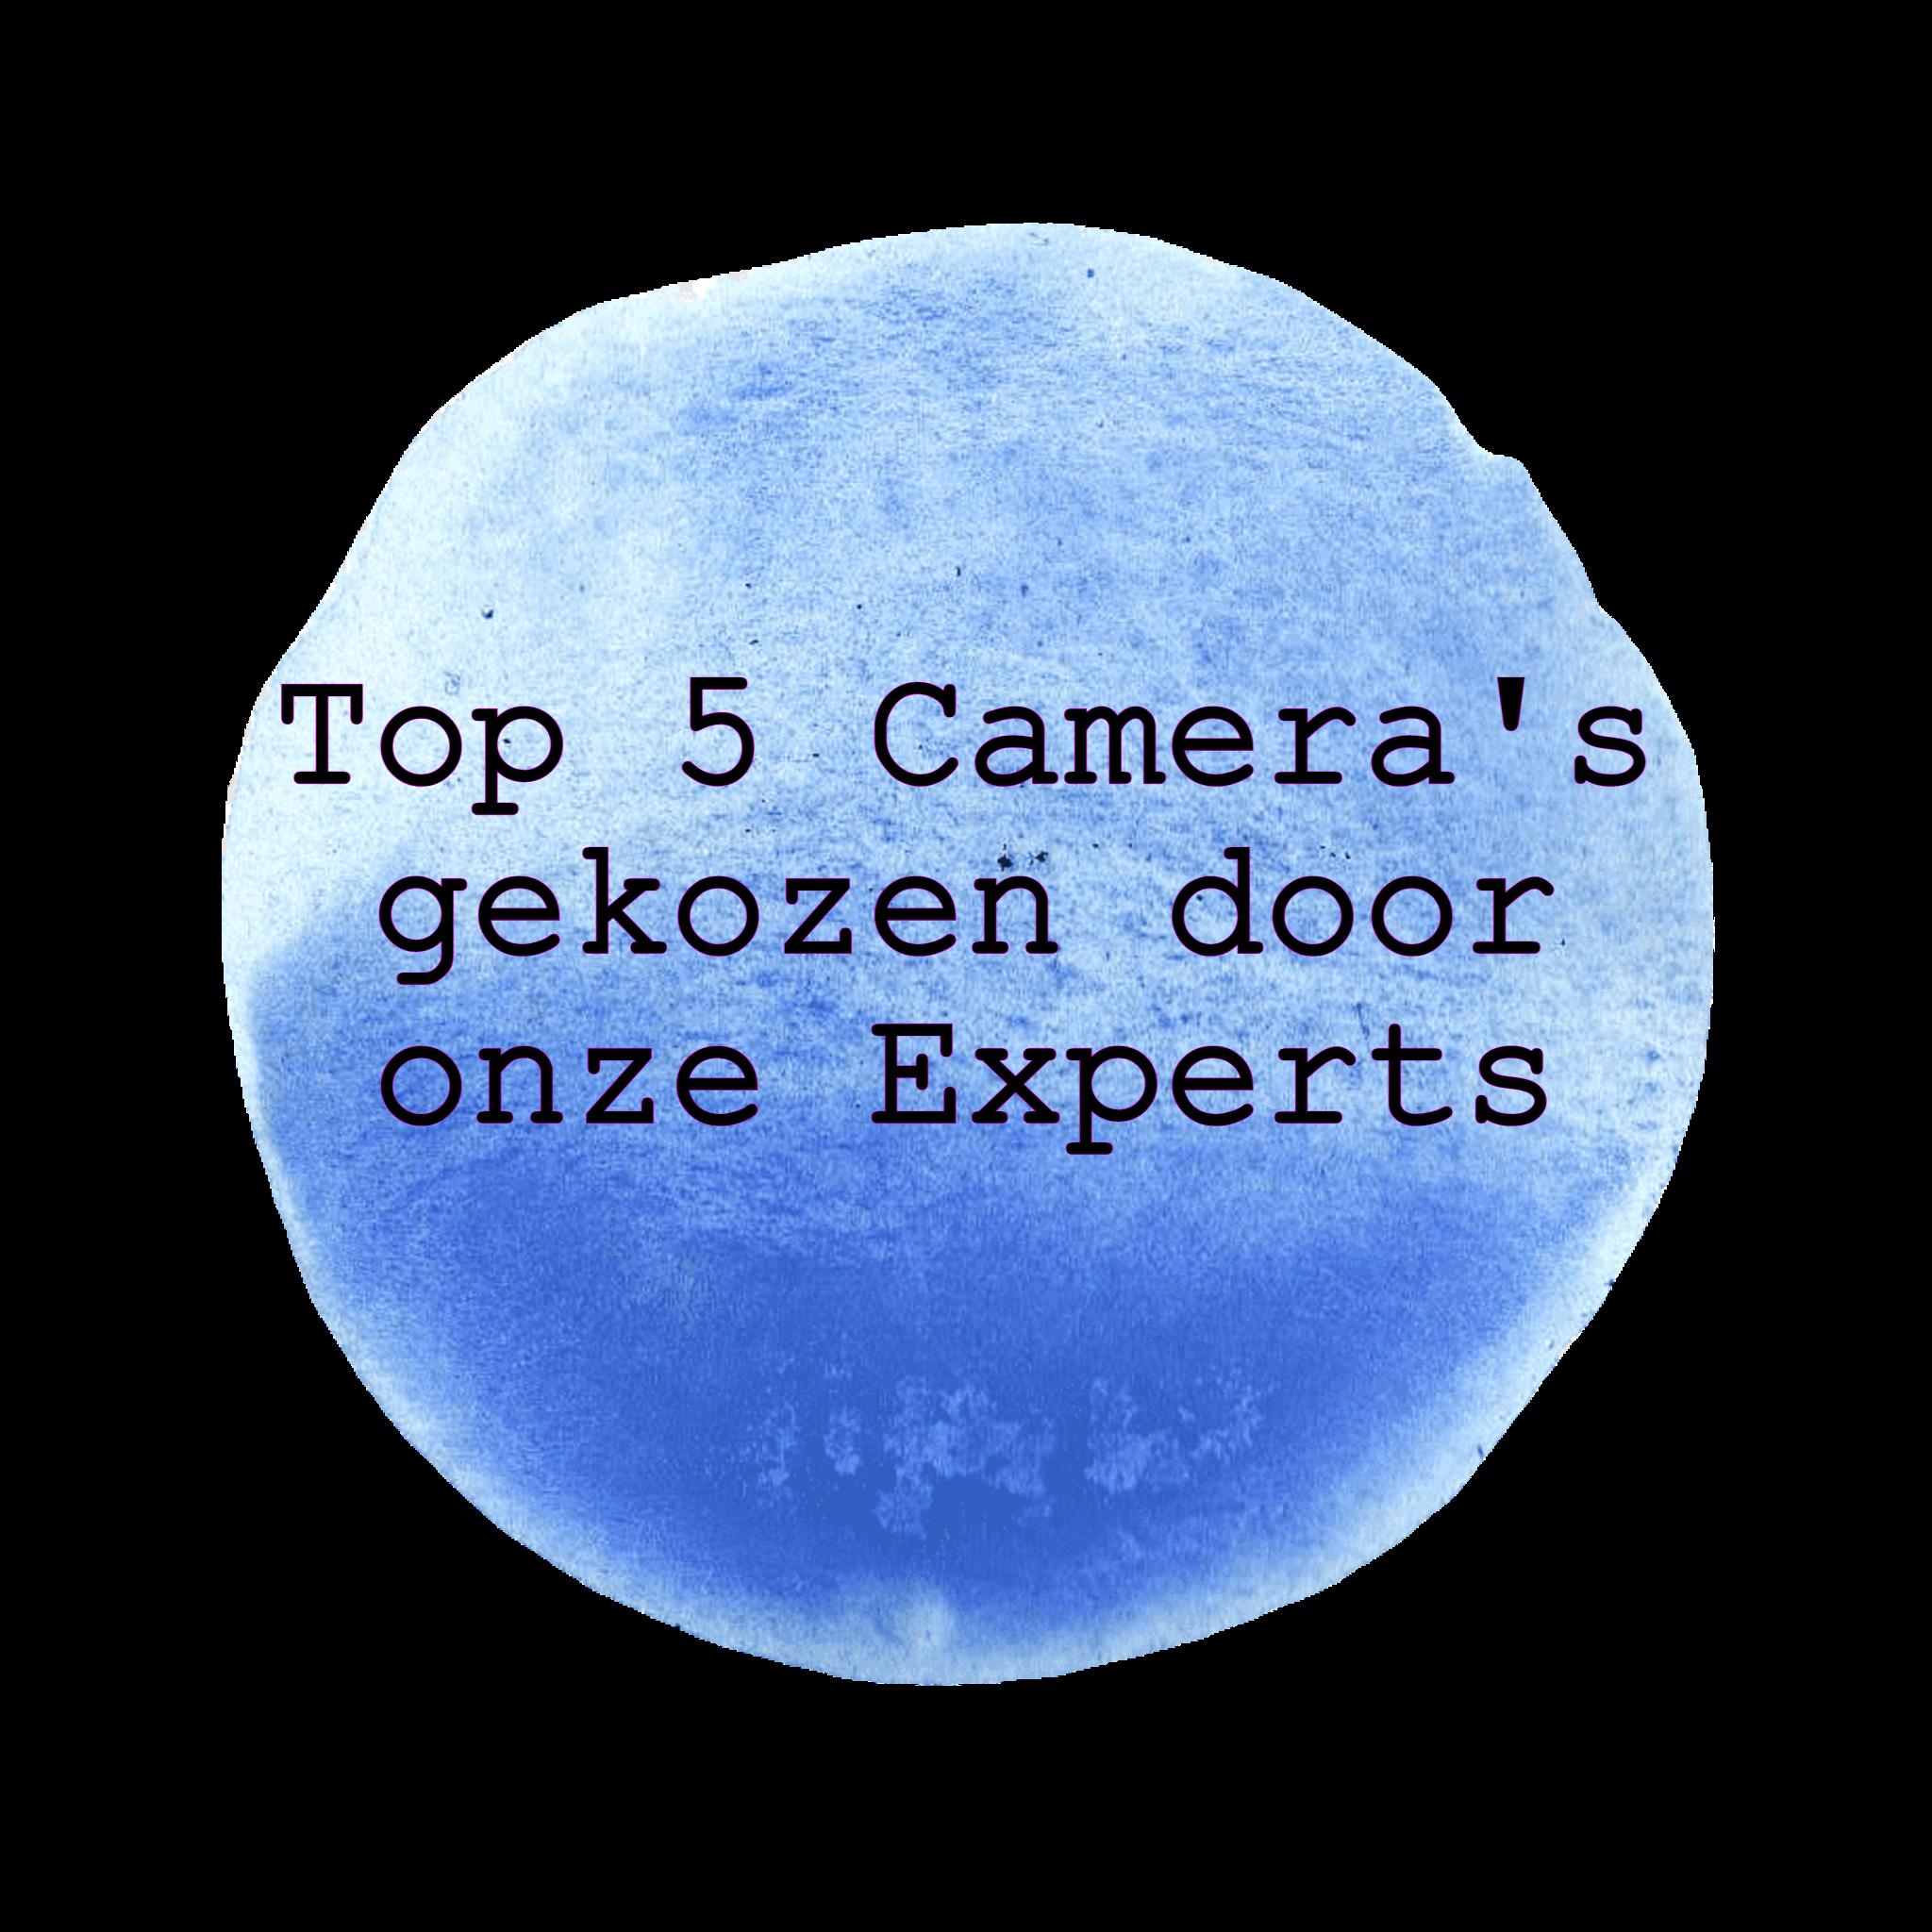 Top 5 camera's gekozen door onze Experts!